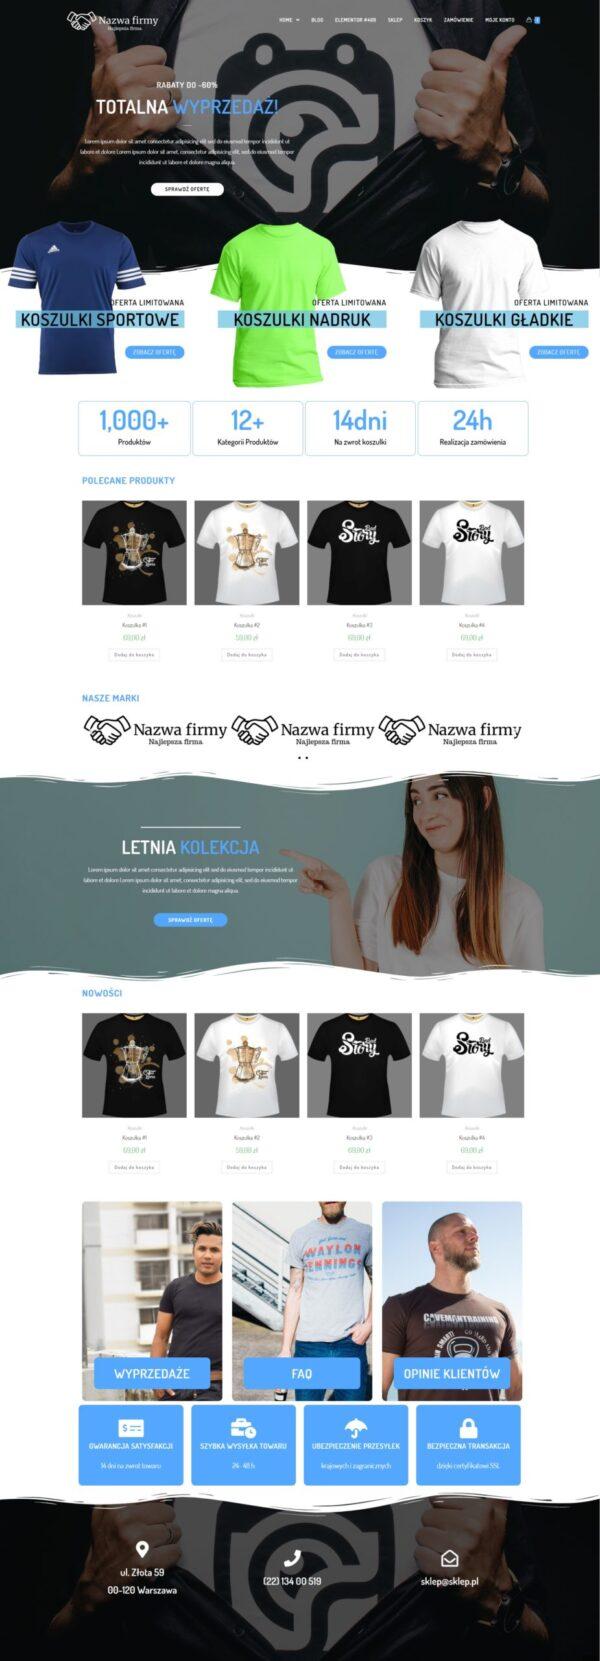 sklep koszulki scaled 600x1661 - Gotowy sklep internetowy w 48h